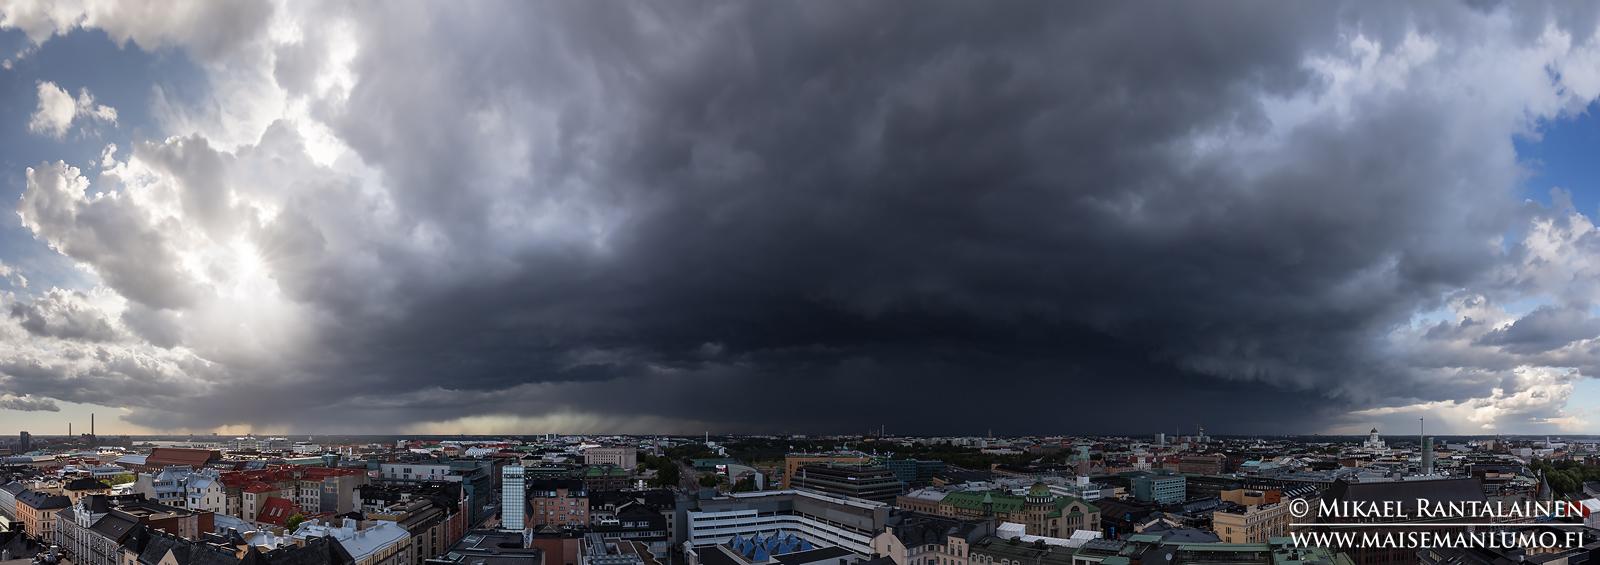 Ukkosrintama saapuu pohjoisesta (noin 210 asteen panoraama 6 vaakakuvasta), Hotelli Torni, Helsinki